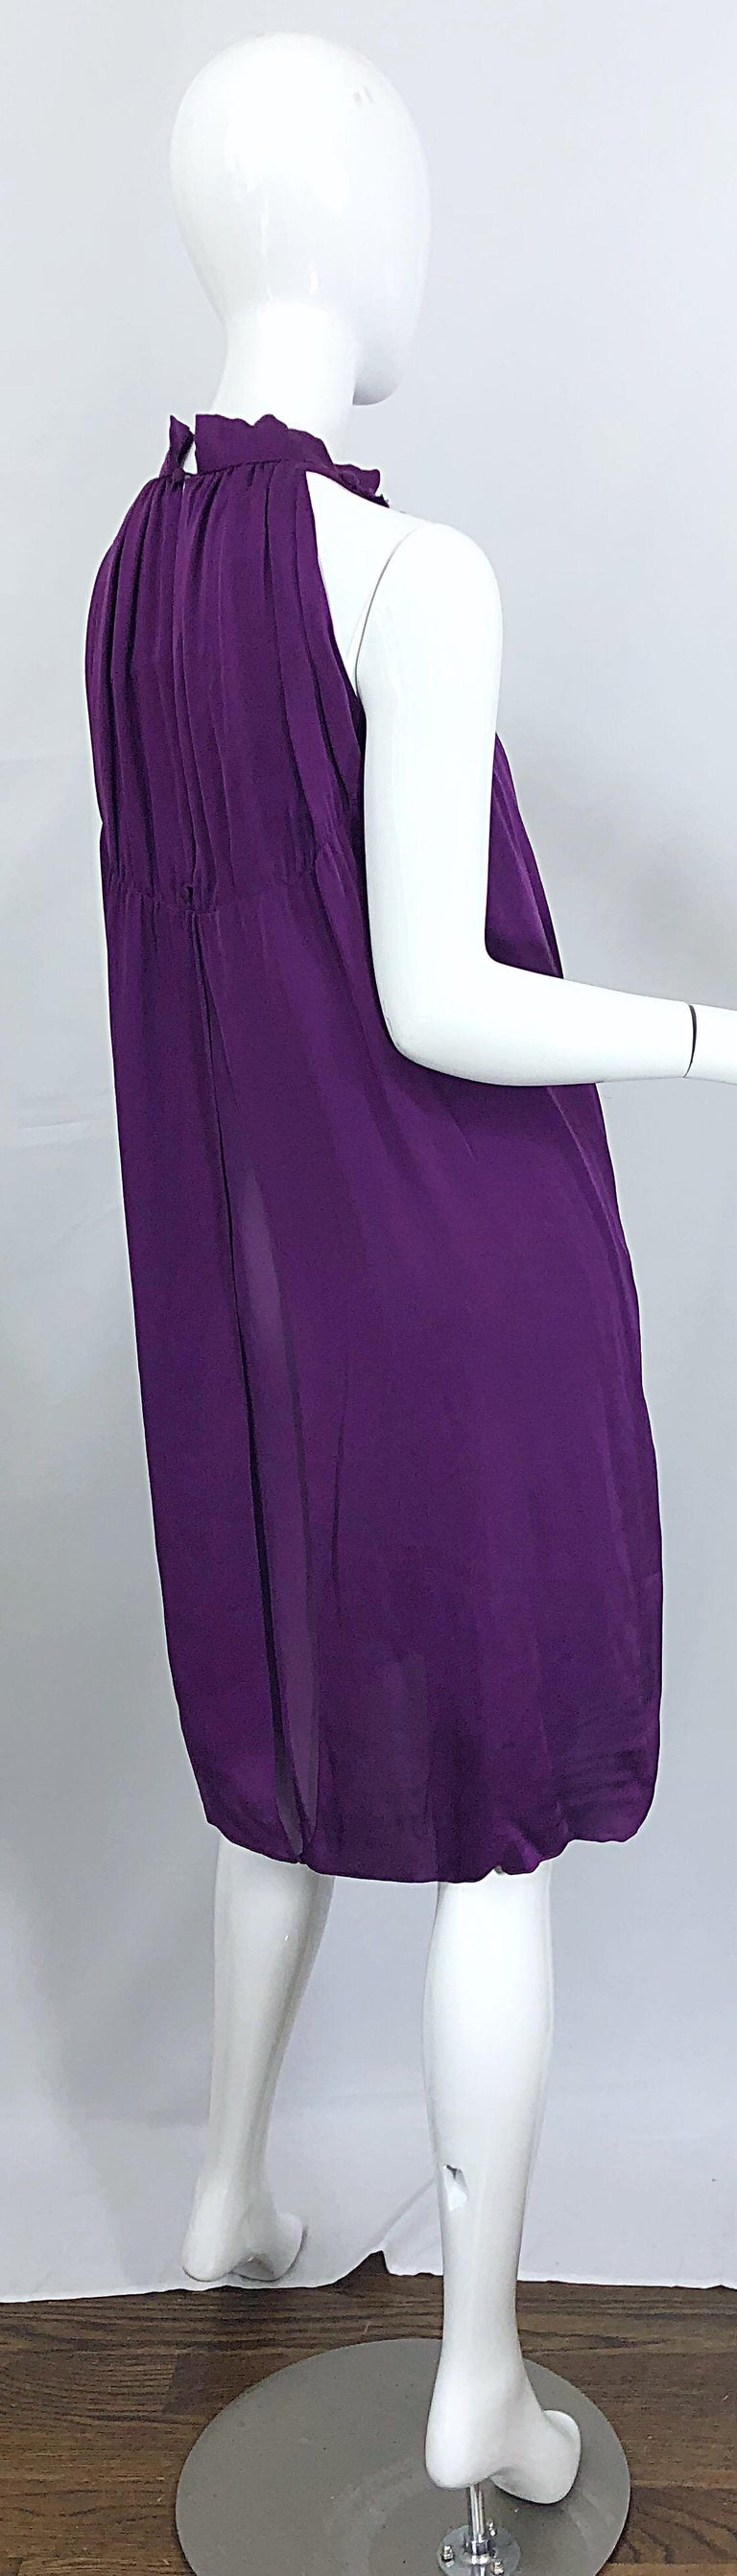 Yves Saint Laurent A / W 2007 Purple Silk Size 40 / US 8 YSL Rive Gauche Dress For Sale 8